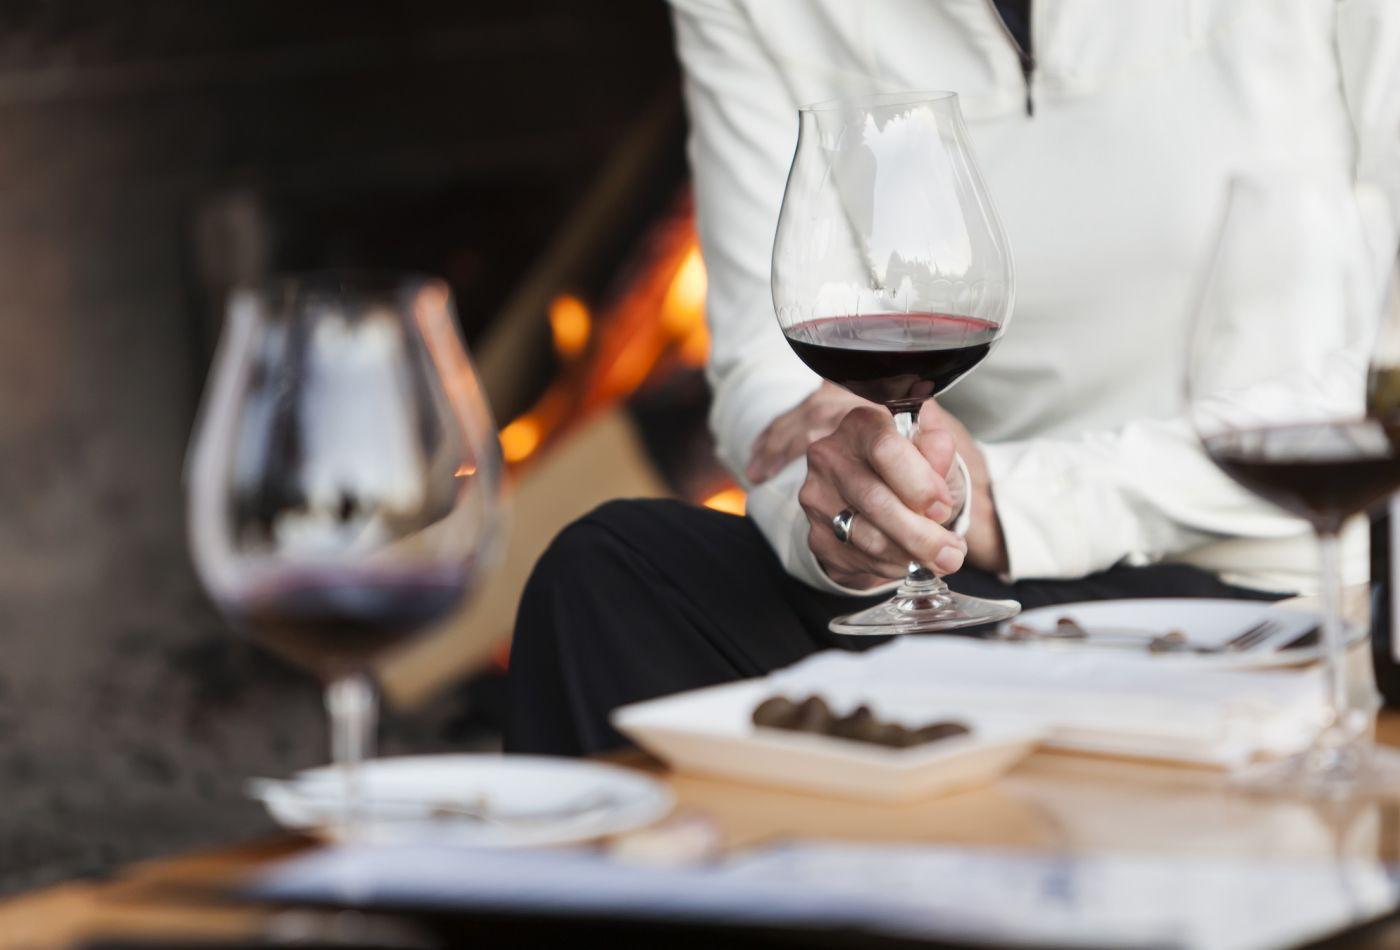 Mang nhầm cho khách chai rượu hơn 133 triệu đồng, nhà hàng biến đau thương thành thắng lợi truyền thông - Ảnh 3.